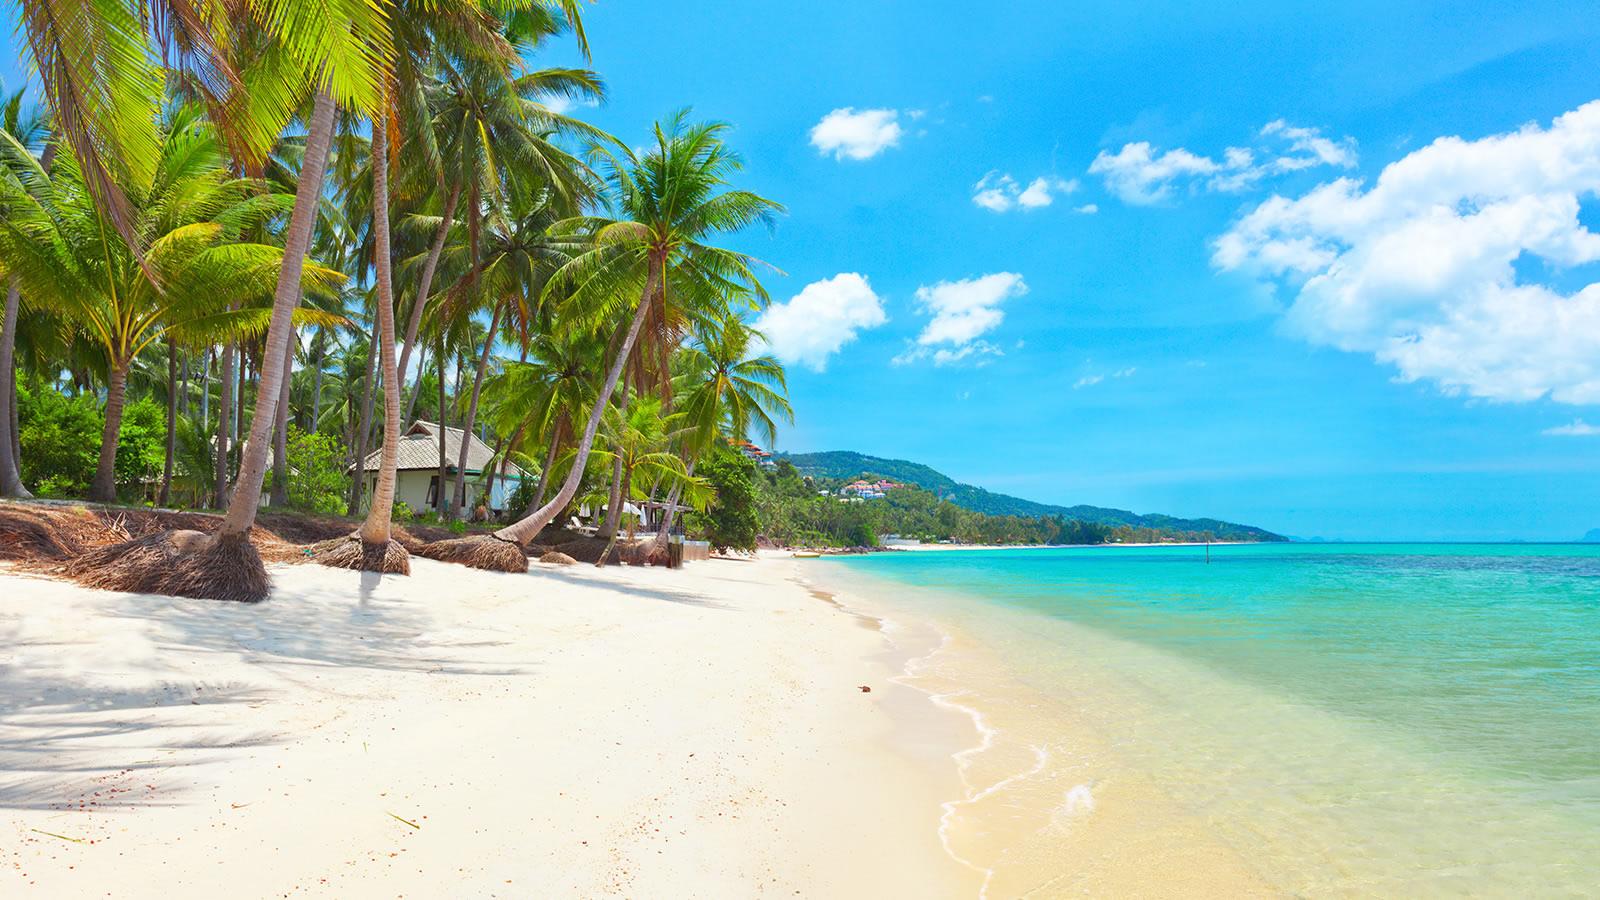 21 Things To Do in Koh Phangan, Thailand - ManSwagManSwag